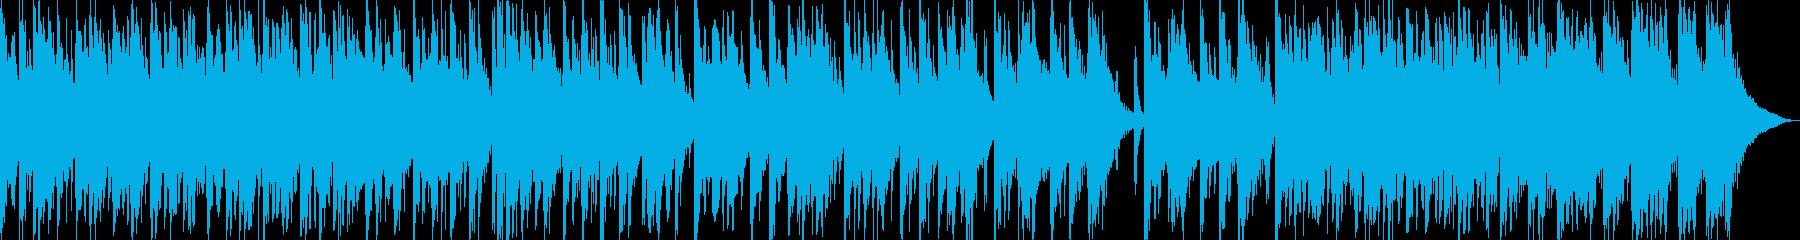 日本伝統音楽5(和太鼓+掛け声)の再生済みの波形